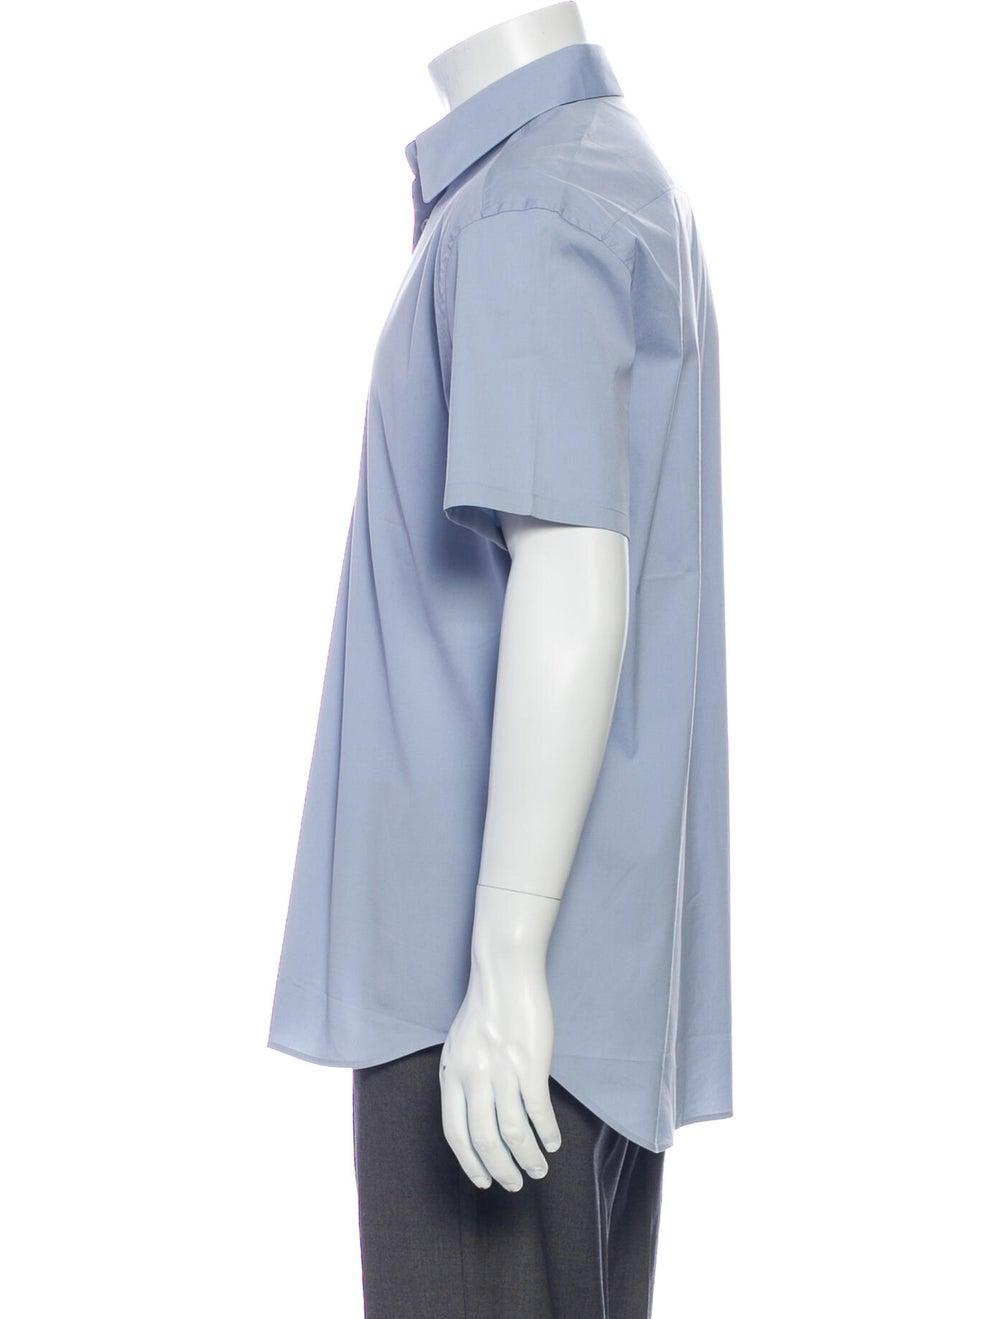 Prada Short Sleeve Shirt Blue - image 2